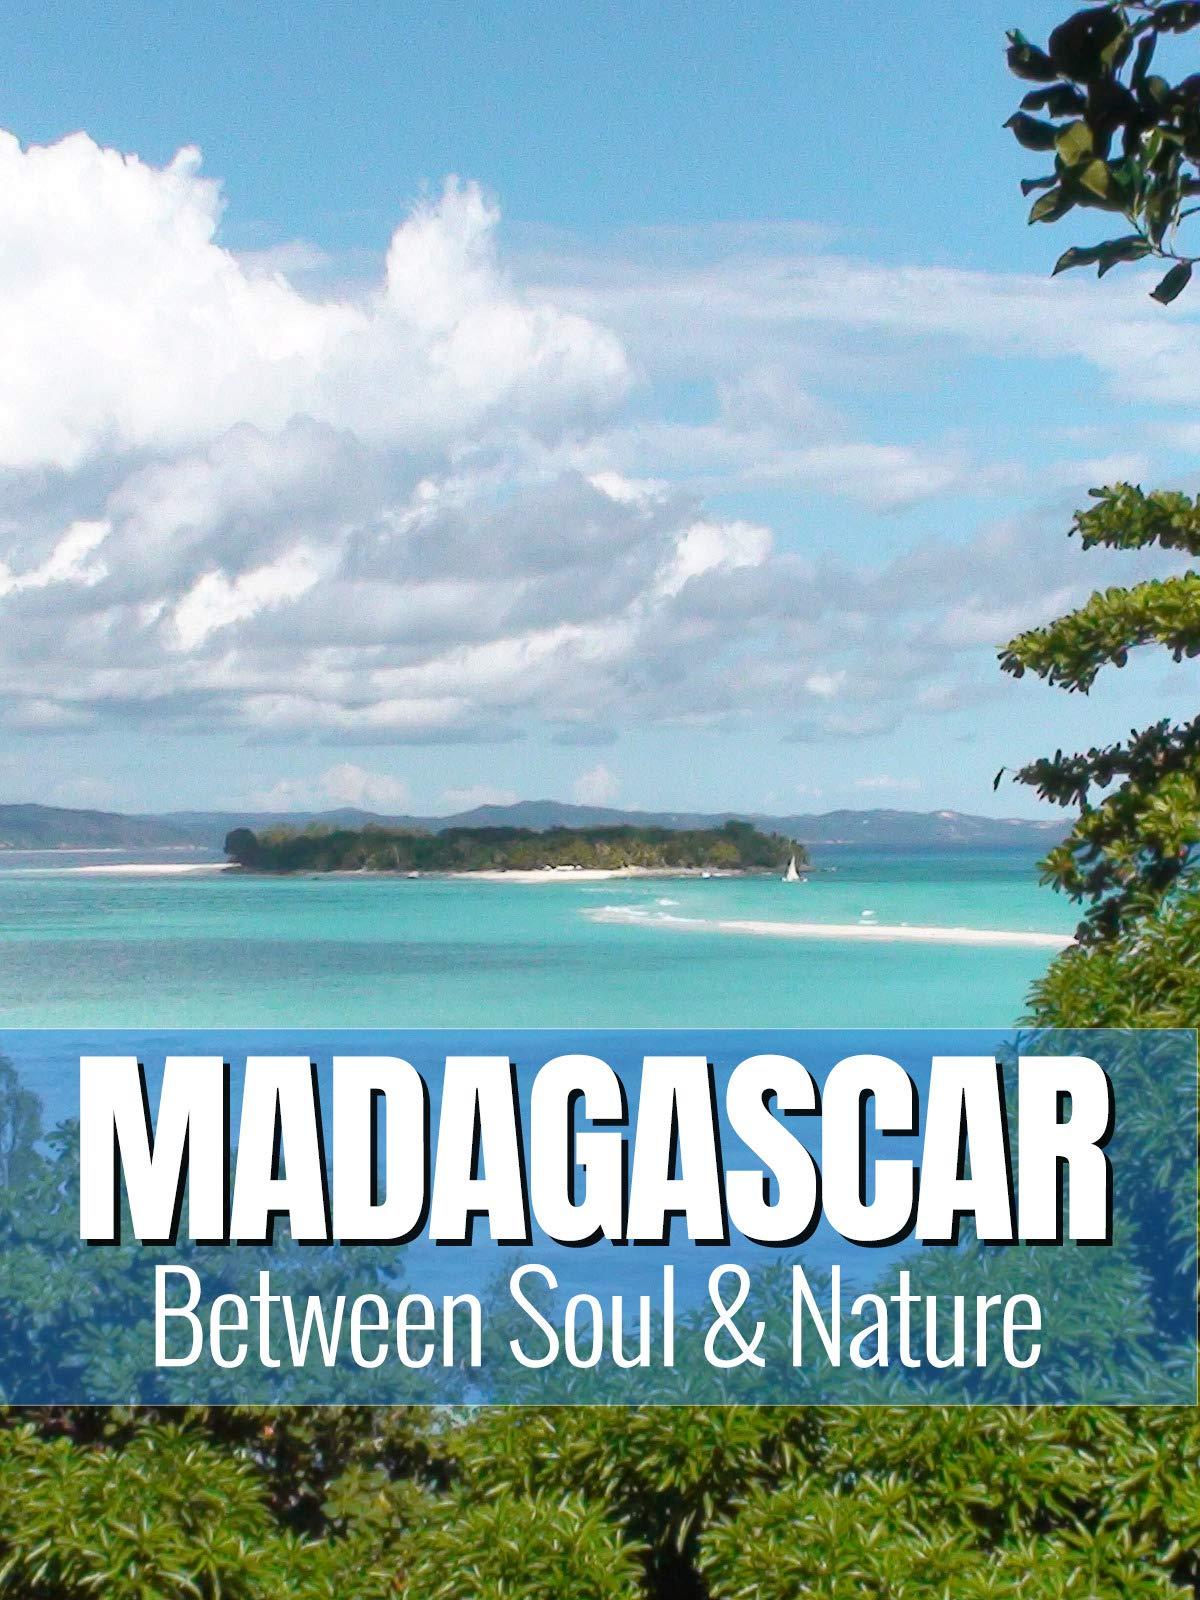 Madagascar - Between Soul & Nature